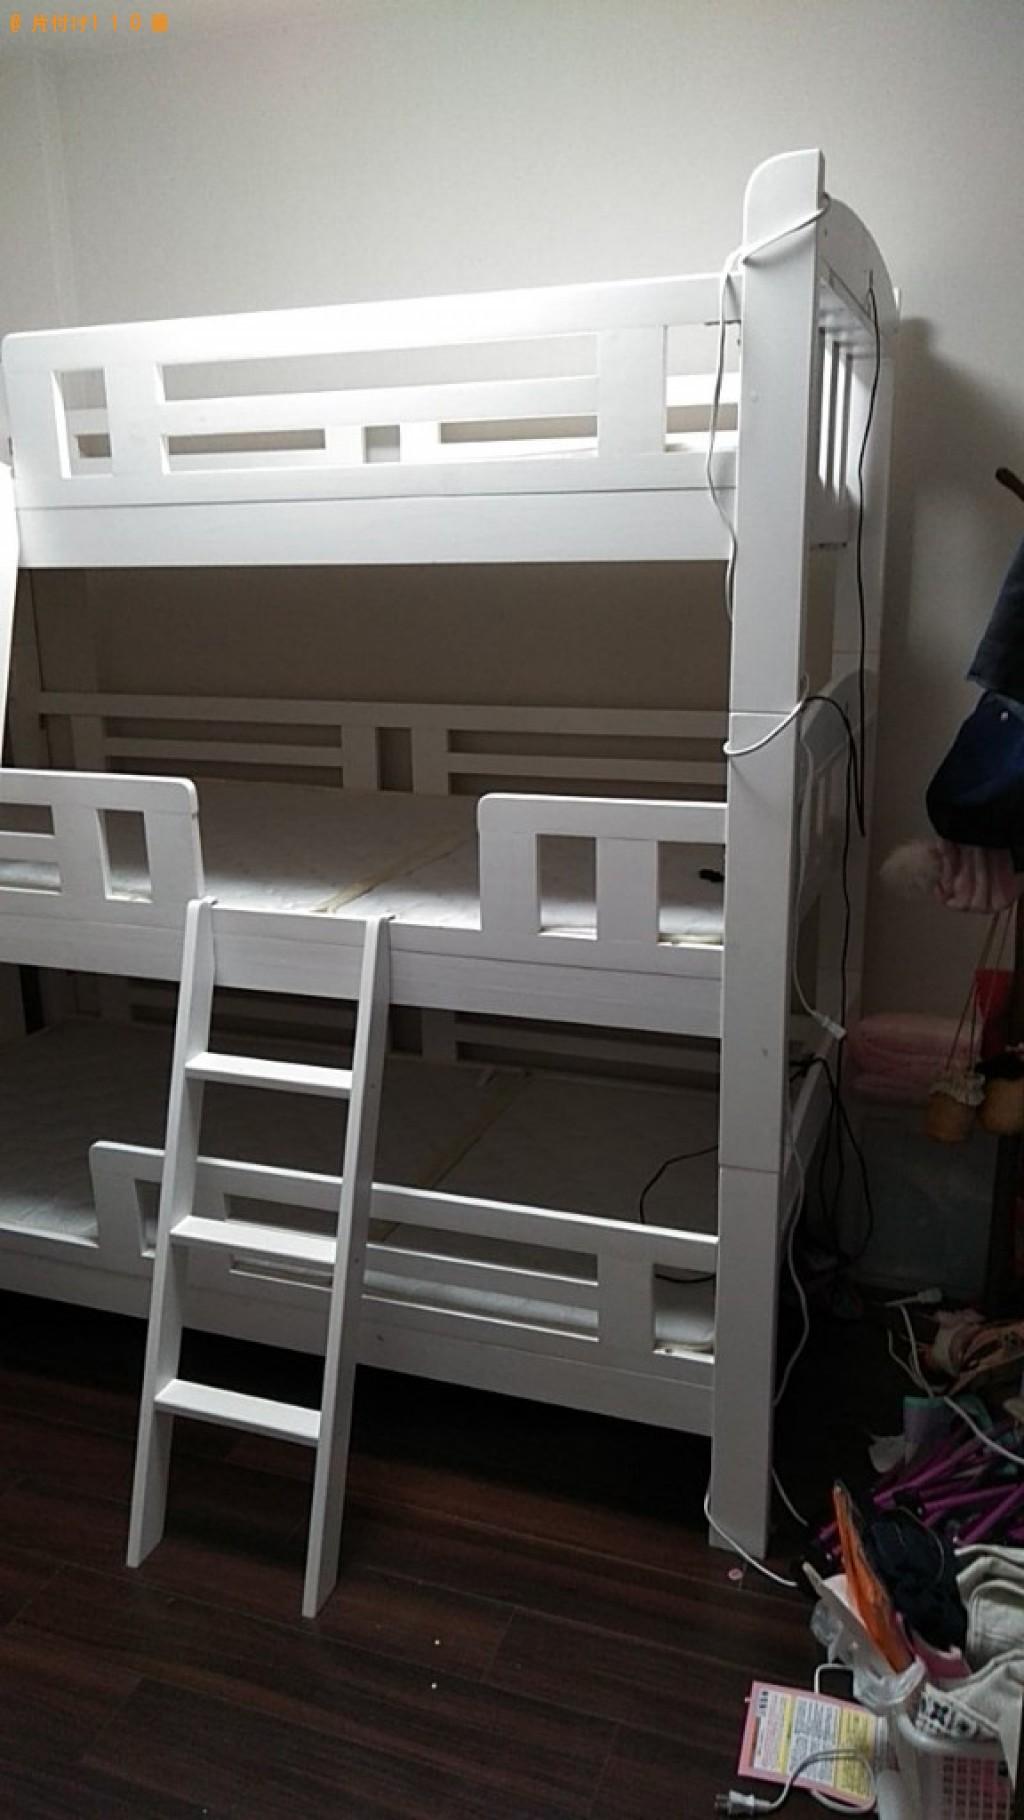 【松野町】二段ベッド、ダブルベッド、ベッドマットレスの回収